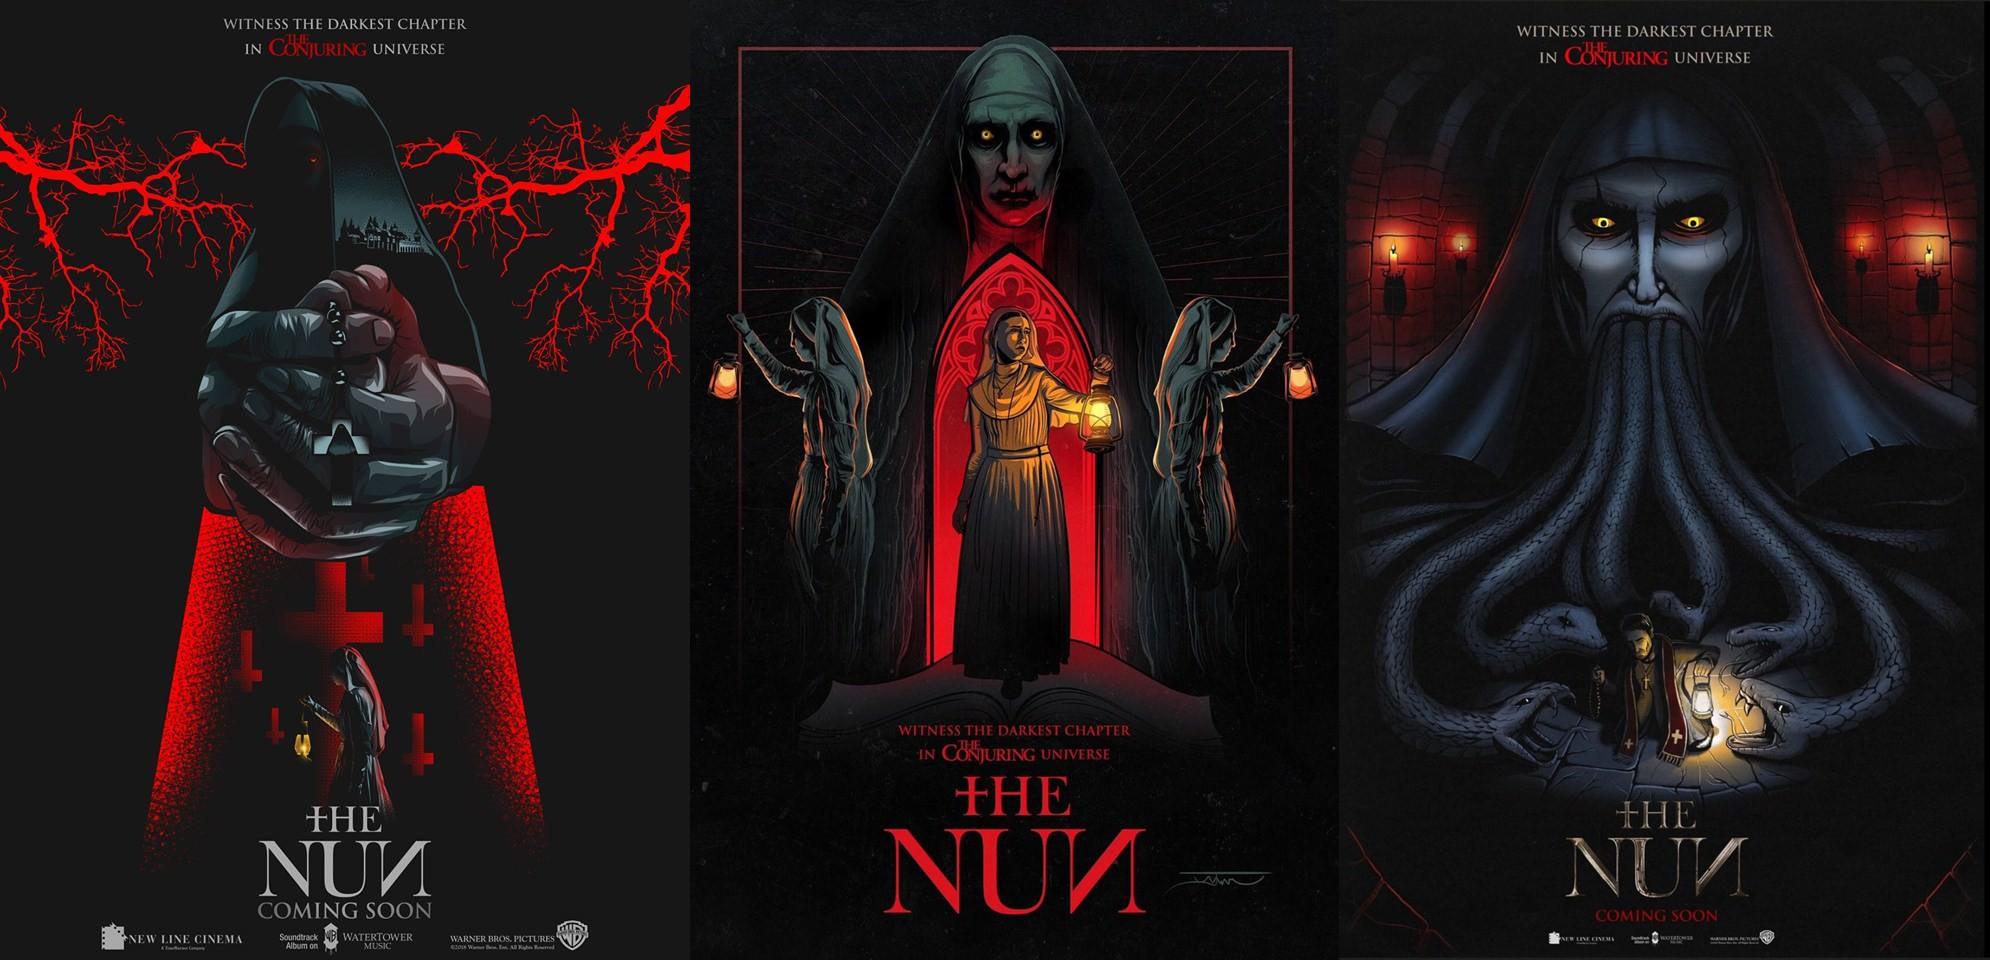 Valak: Cẩm nang cần biết trước khi xem Ác Quỷ Ma Sơ (The Nun